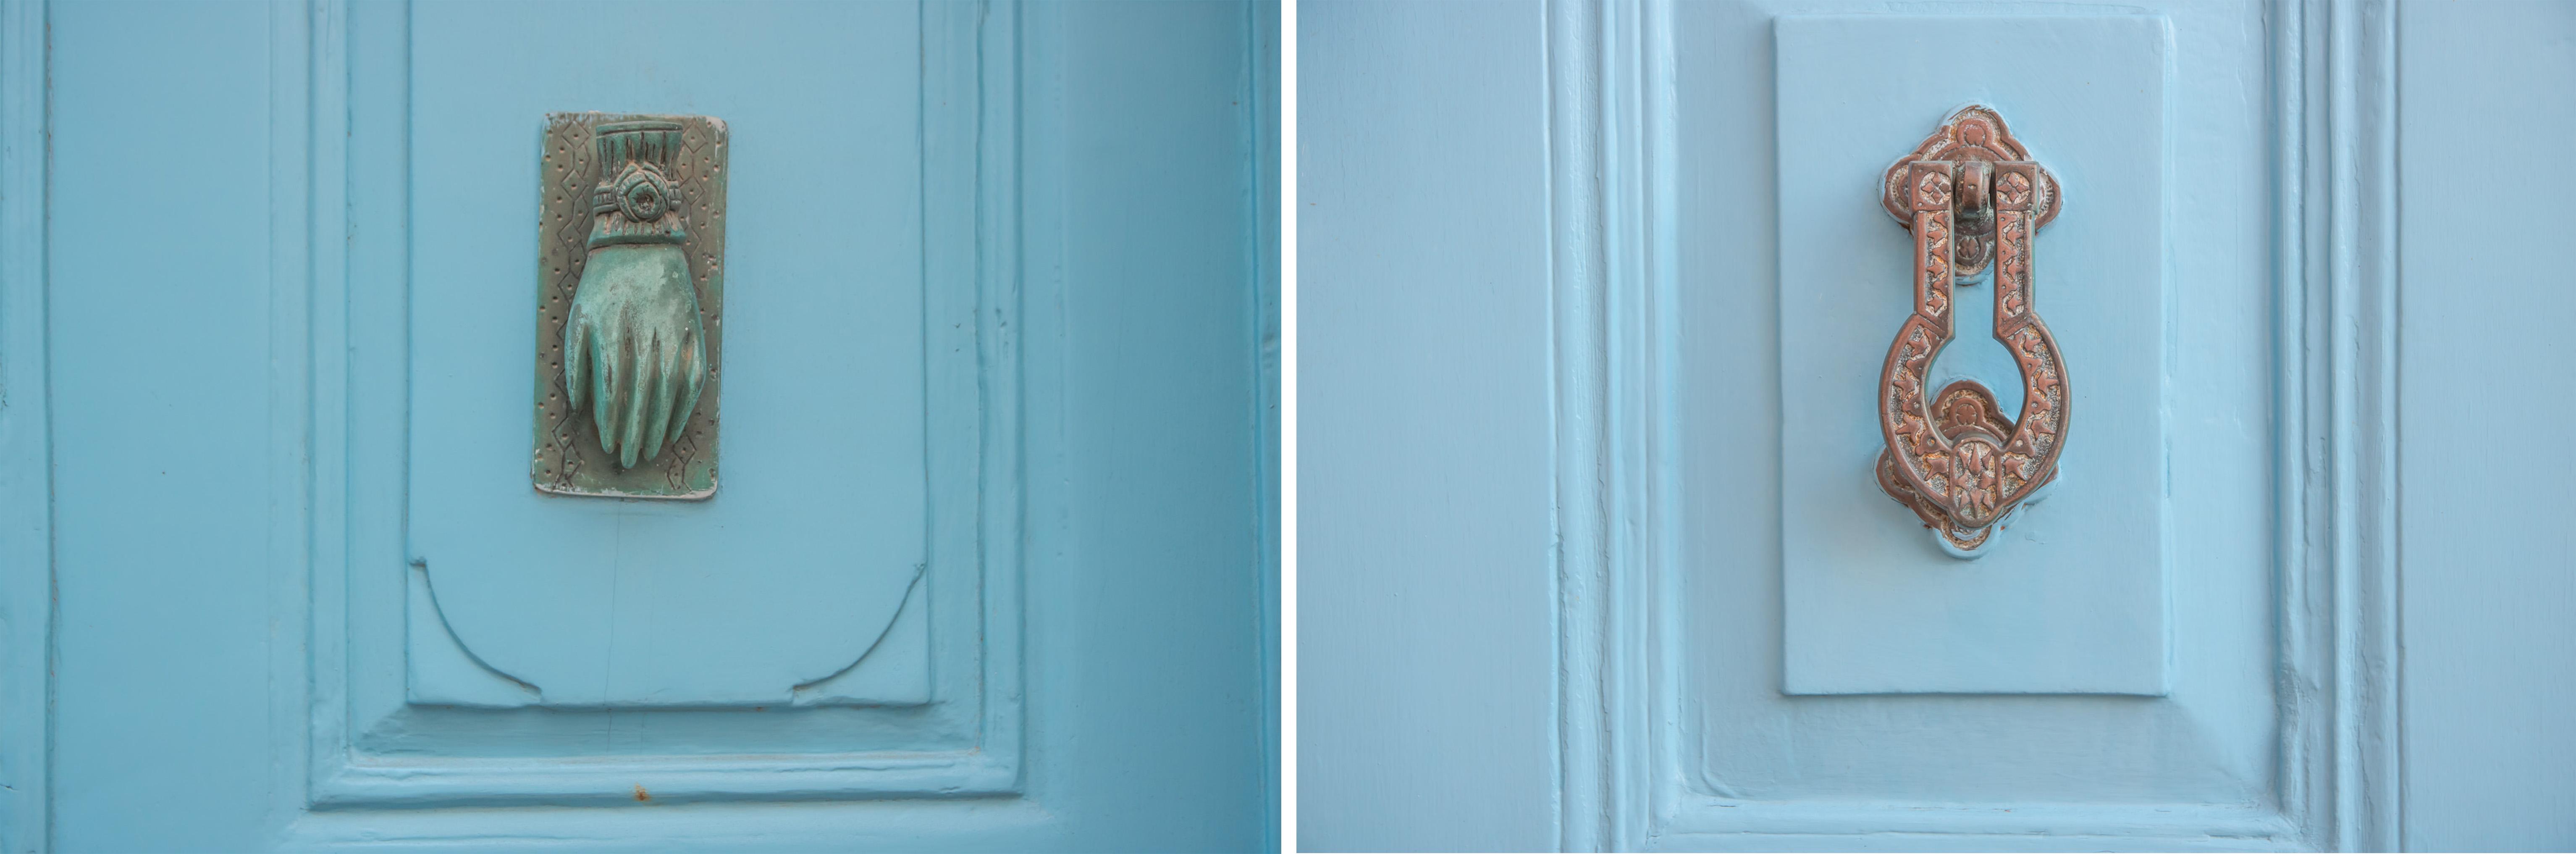 Patmos Chora, wunderschöne blaue Türen